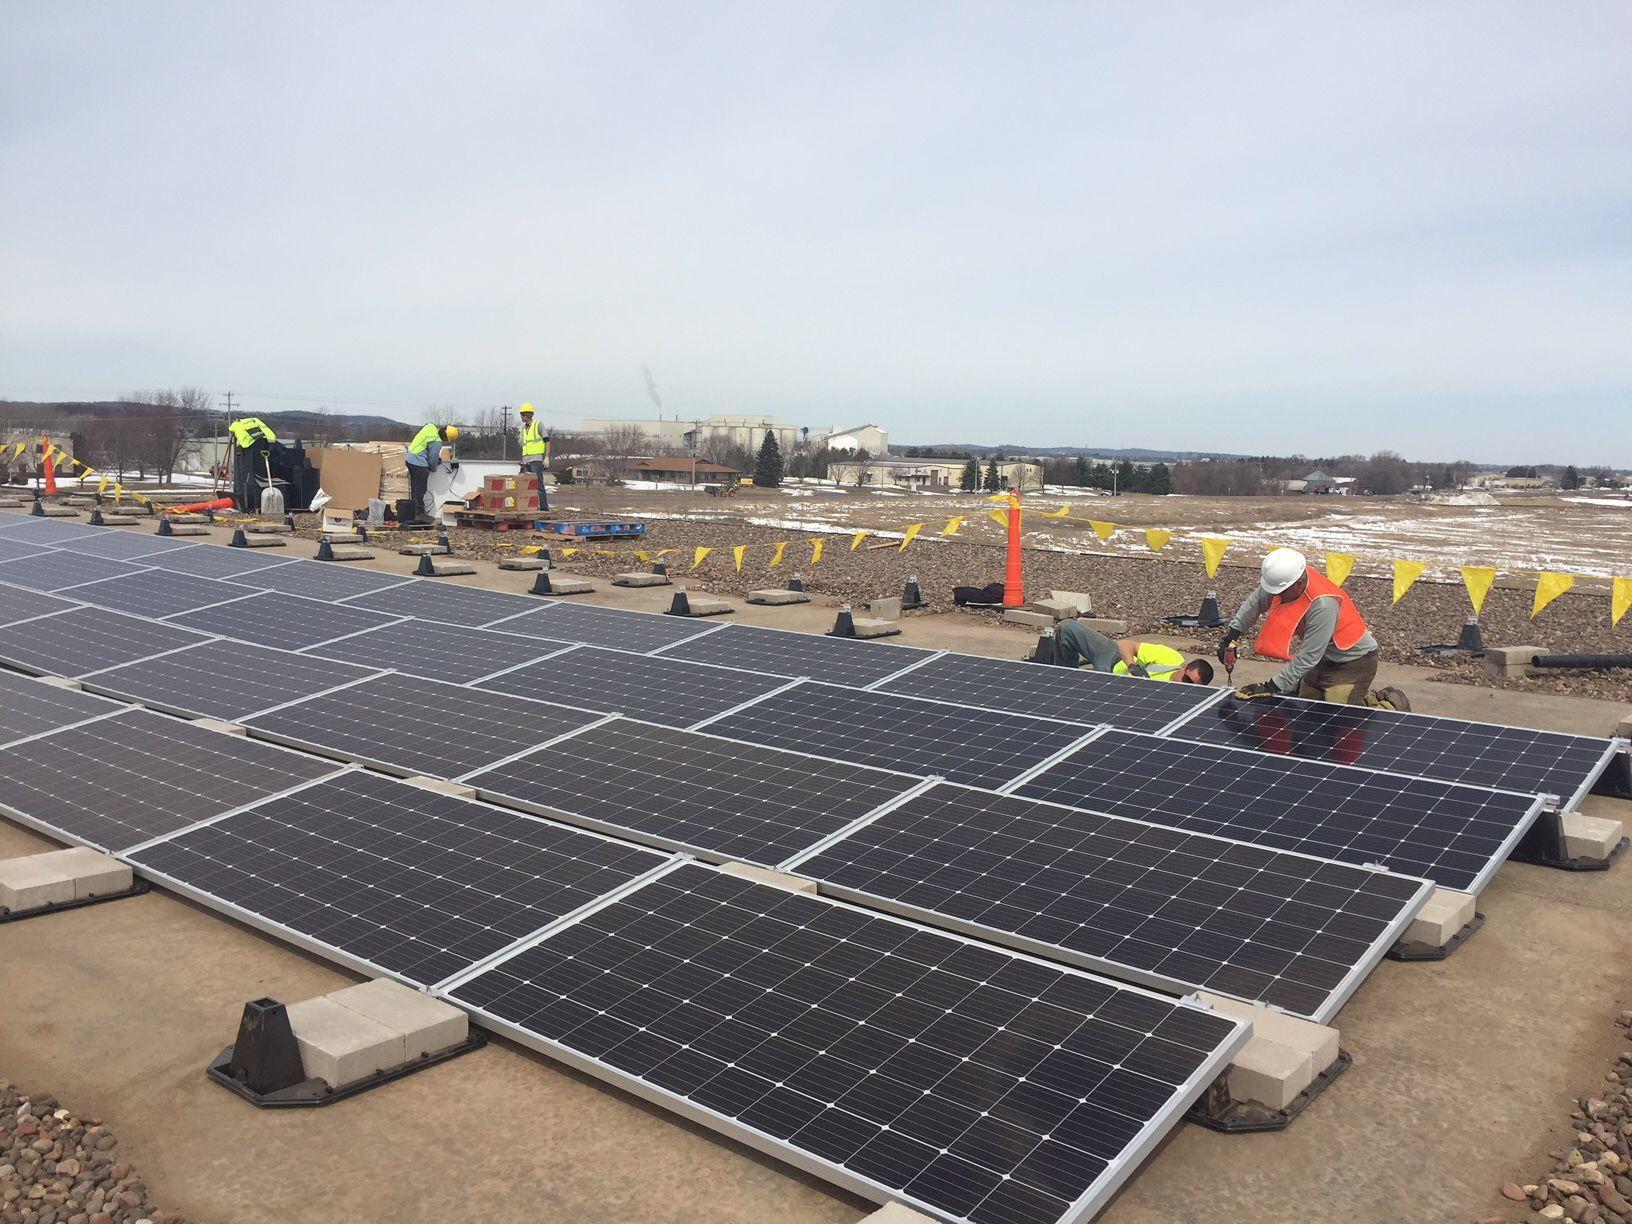 Solar panels at General Beverage